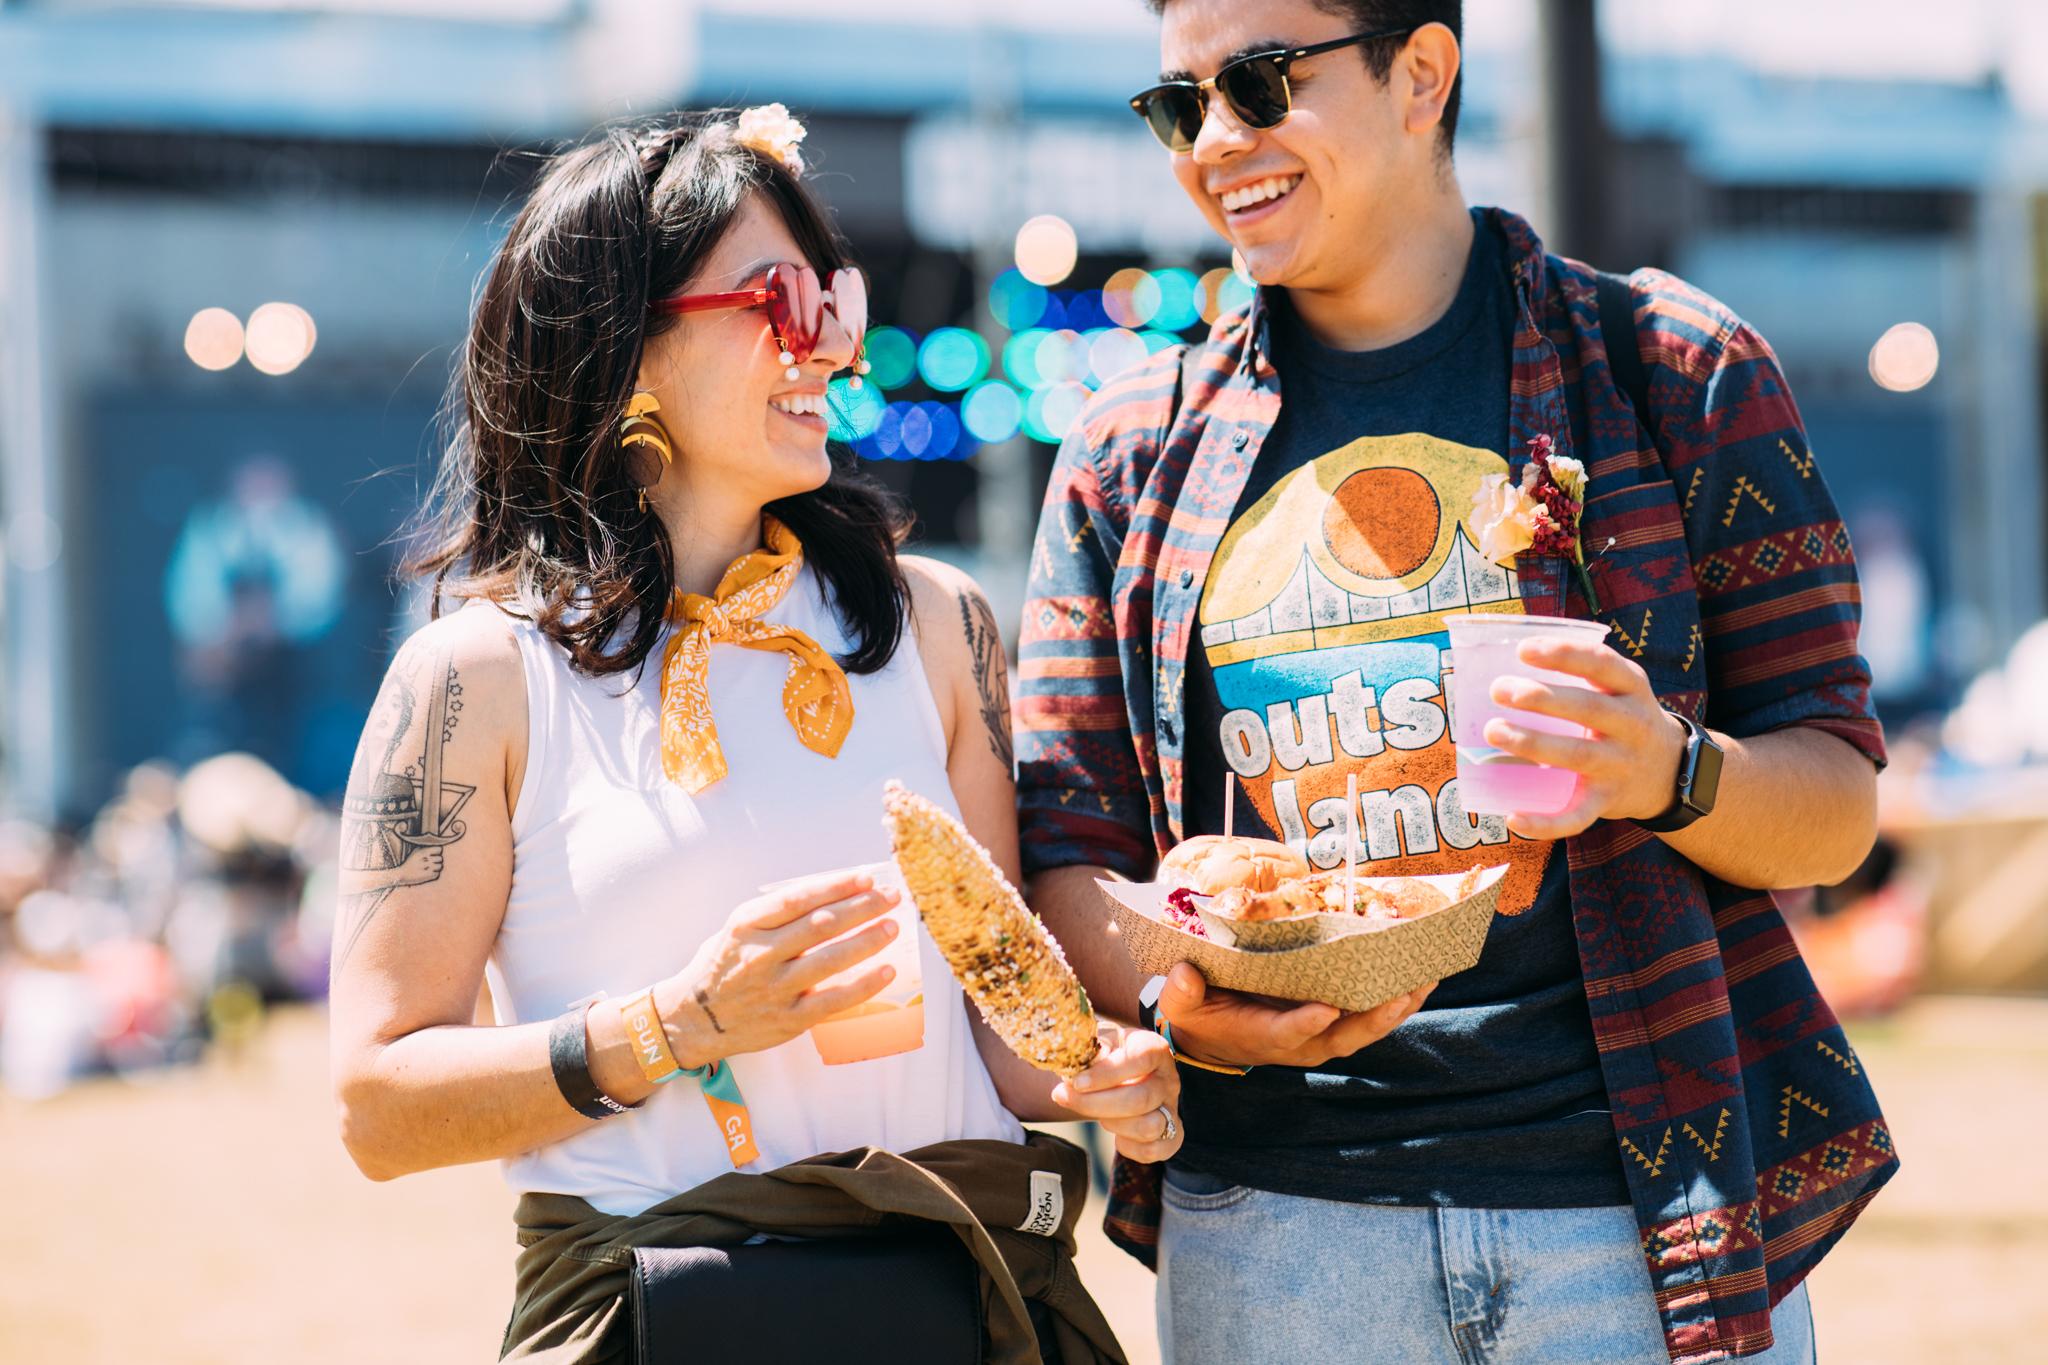 Outside Lands festival goers enjoy food and drink